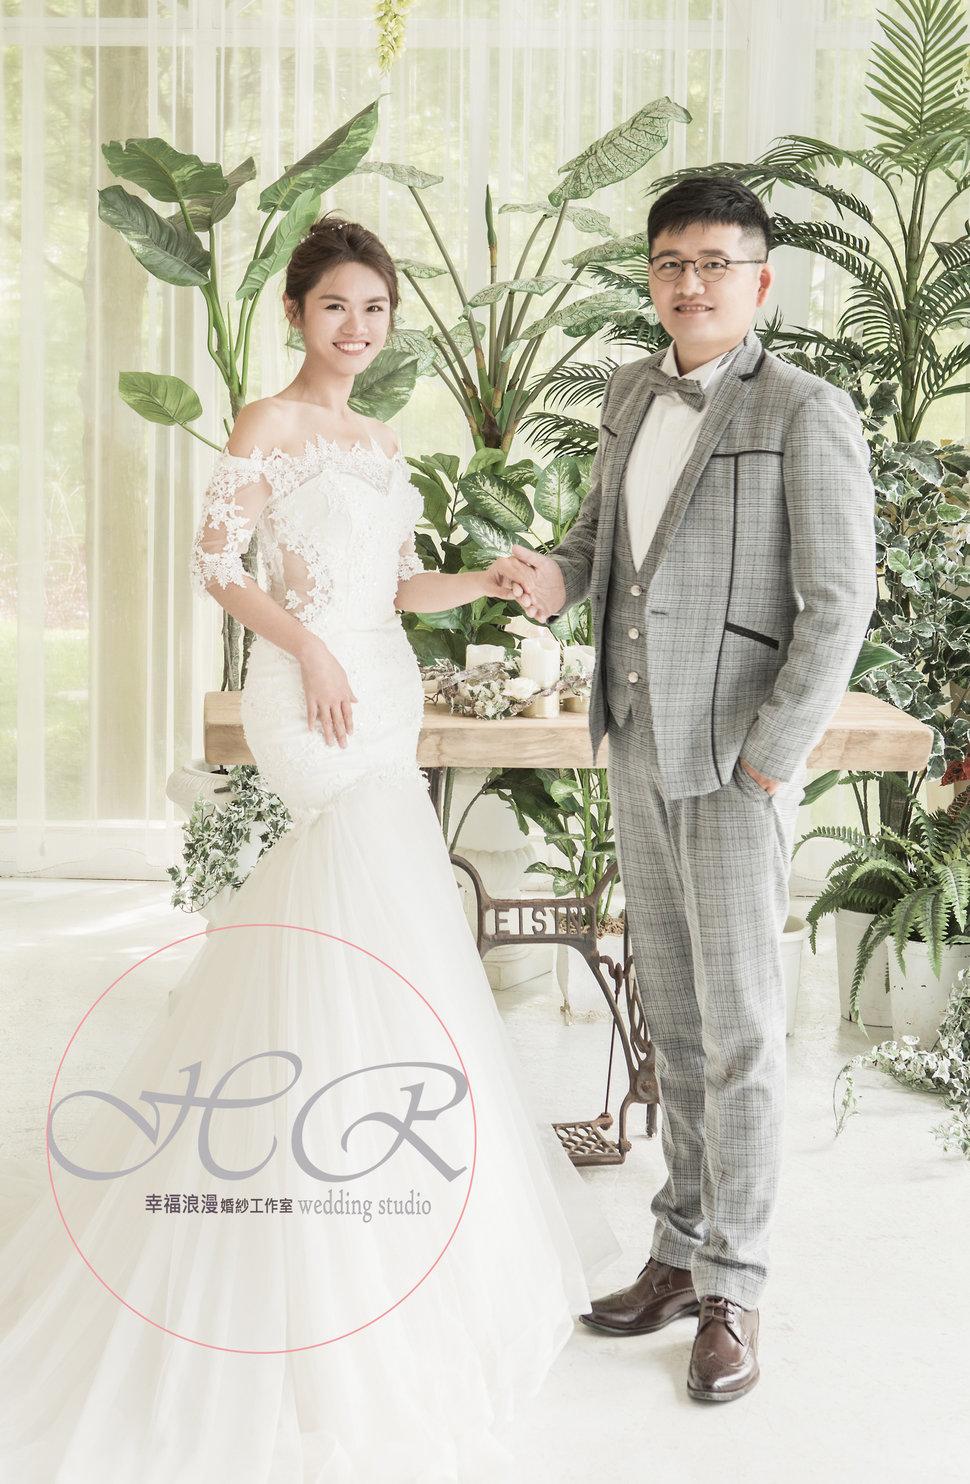 5G3A8021~1 - 幸福浪漫婚紗工作室 韓式婚紗攝影《結婚吧》